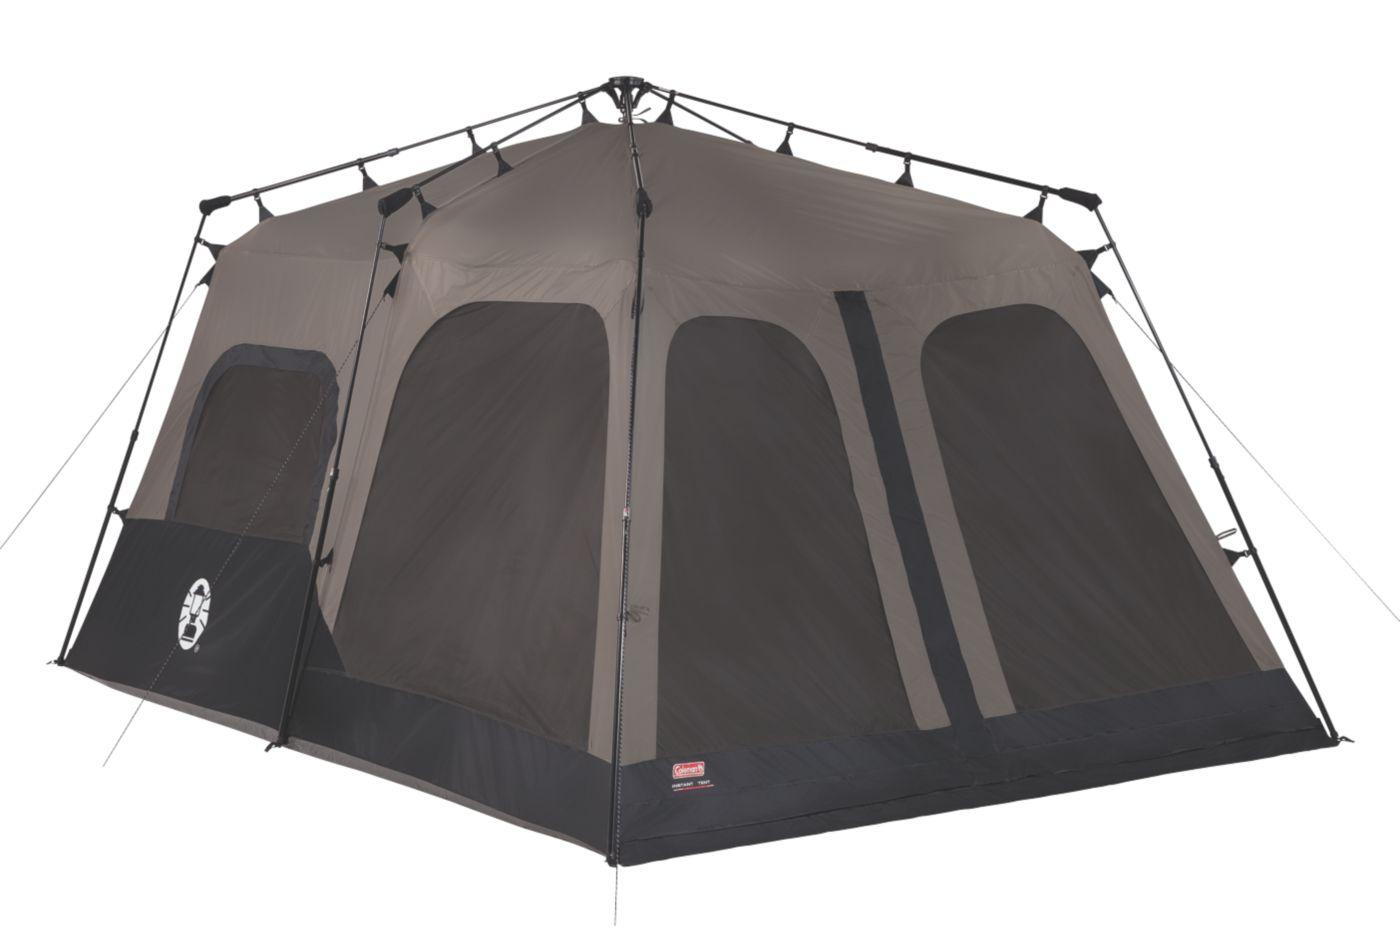 ... 8-Person Instant Tent image 1 ...  sc 1 st  Coleman & 8-Person Instant Tent | Coleman